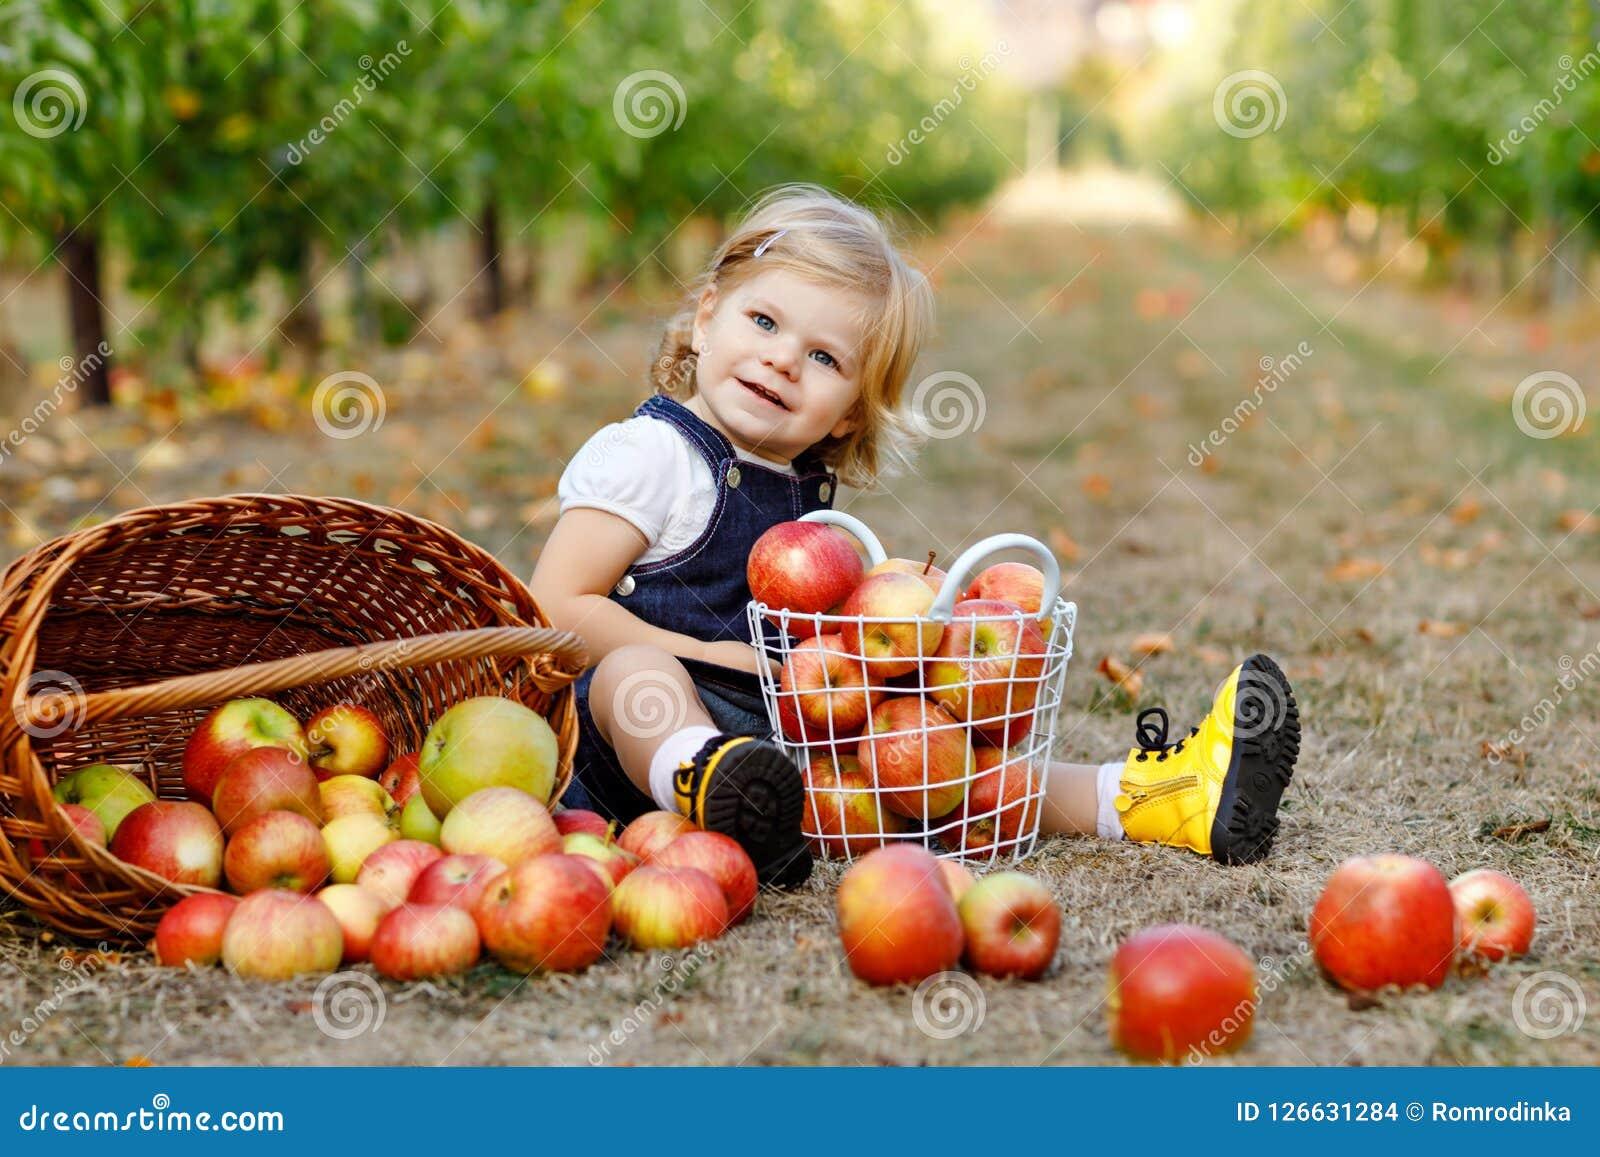 Retrato de la pequeña niña pequeña con las manzanas rojas en huerta  orgánica Niño sano feliz adorable del bebé que escoge las frutas maduras  frescas de ...